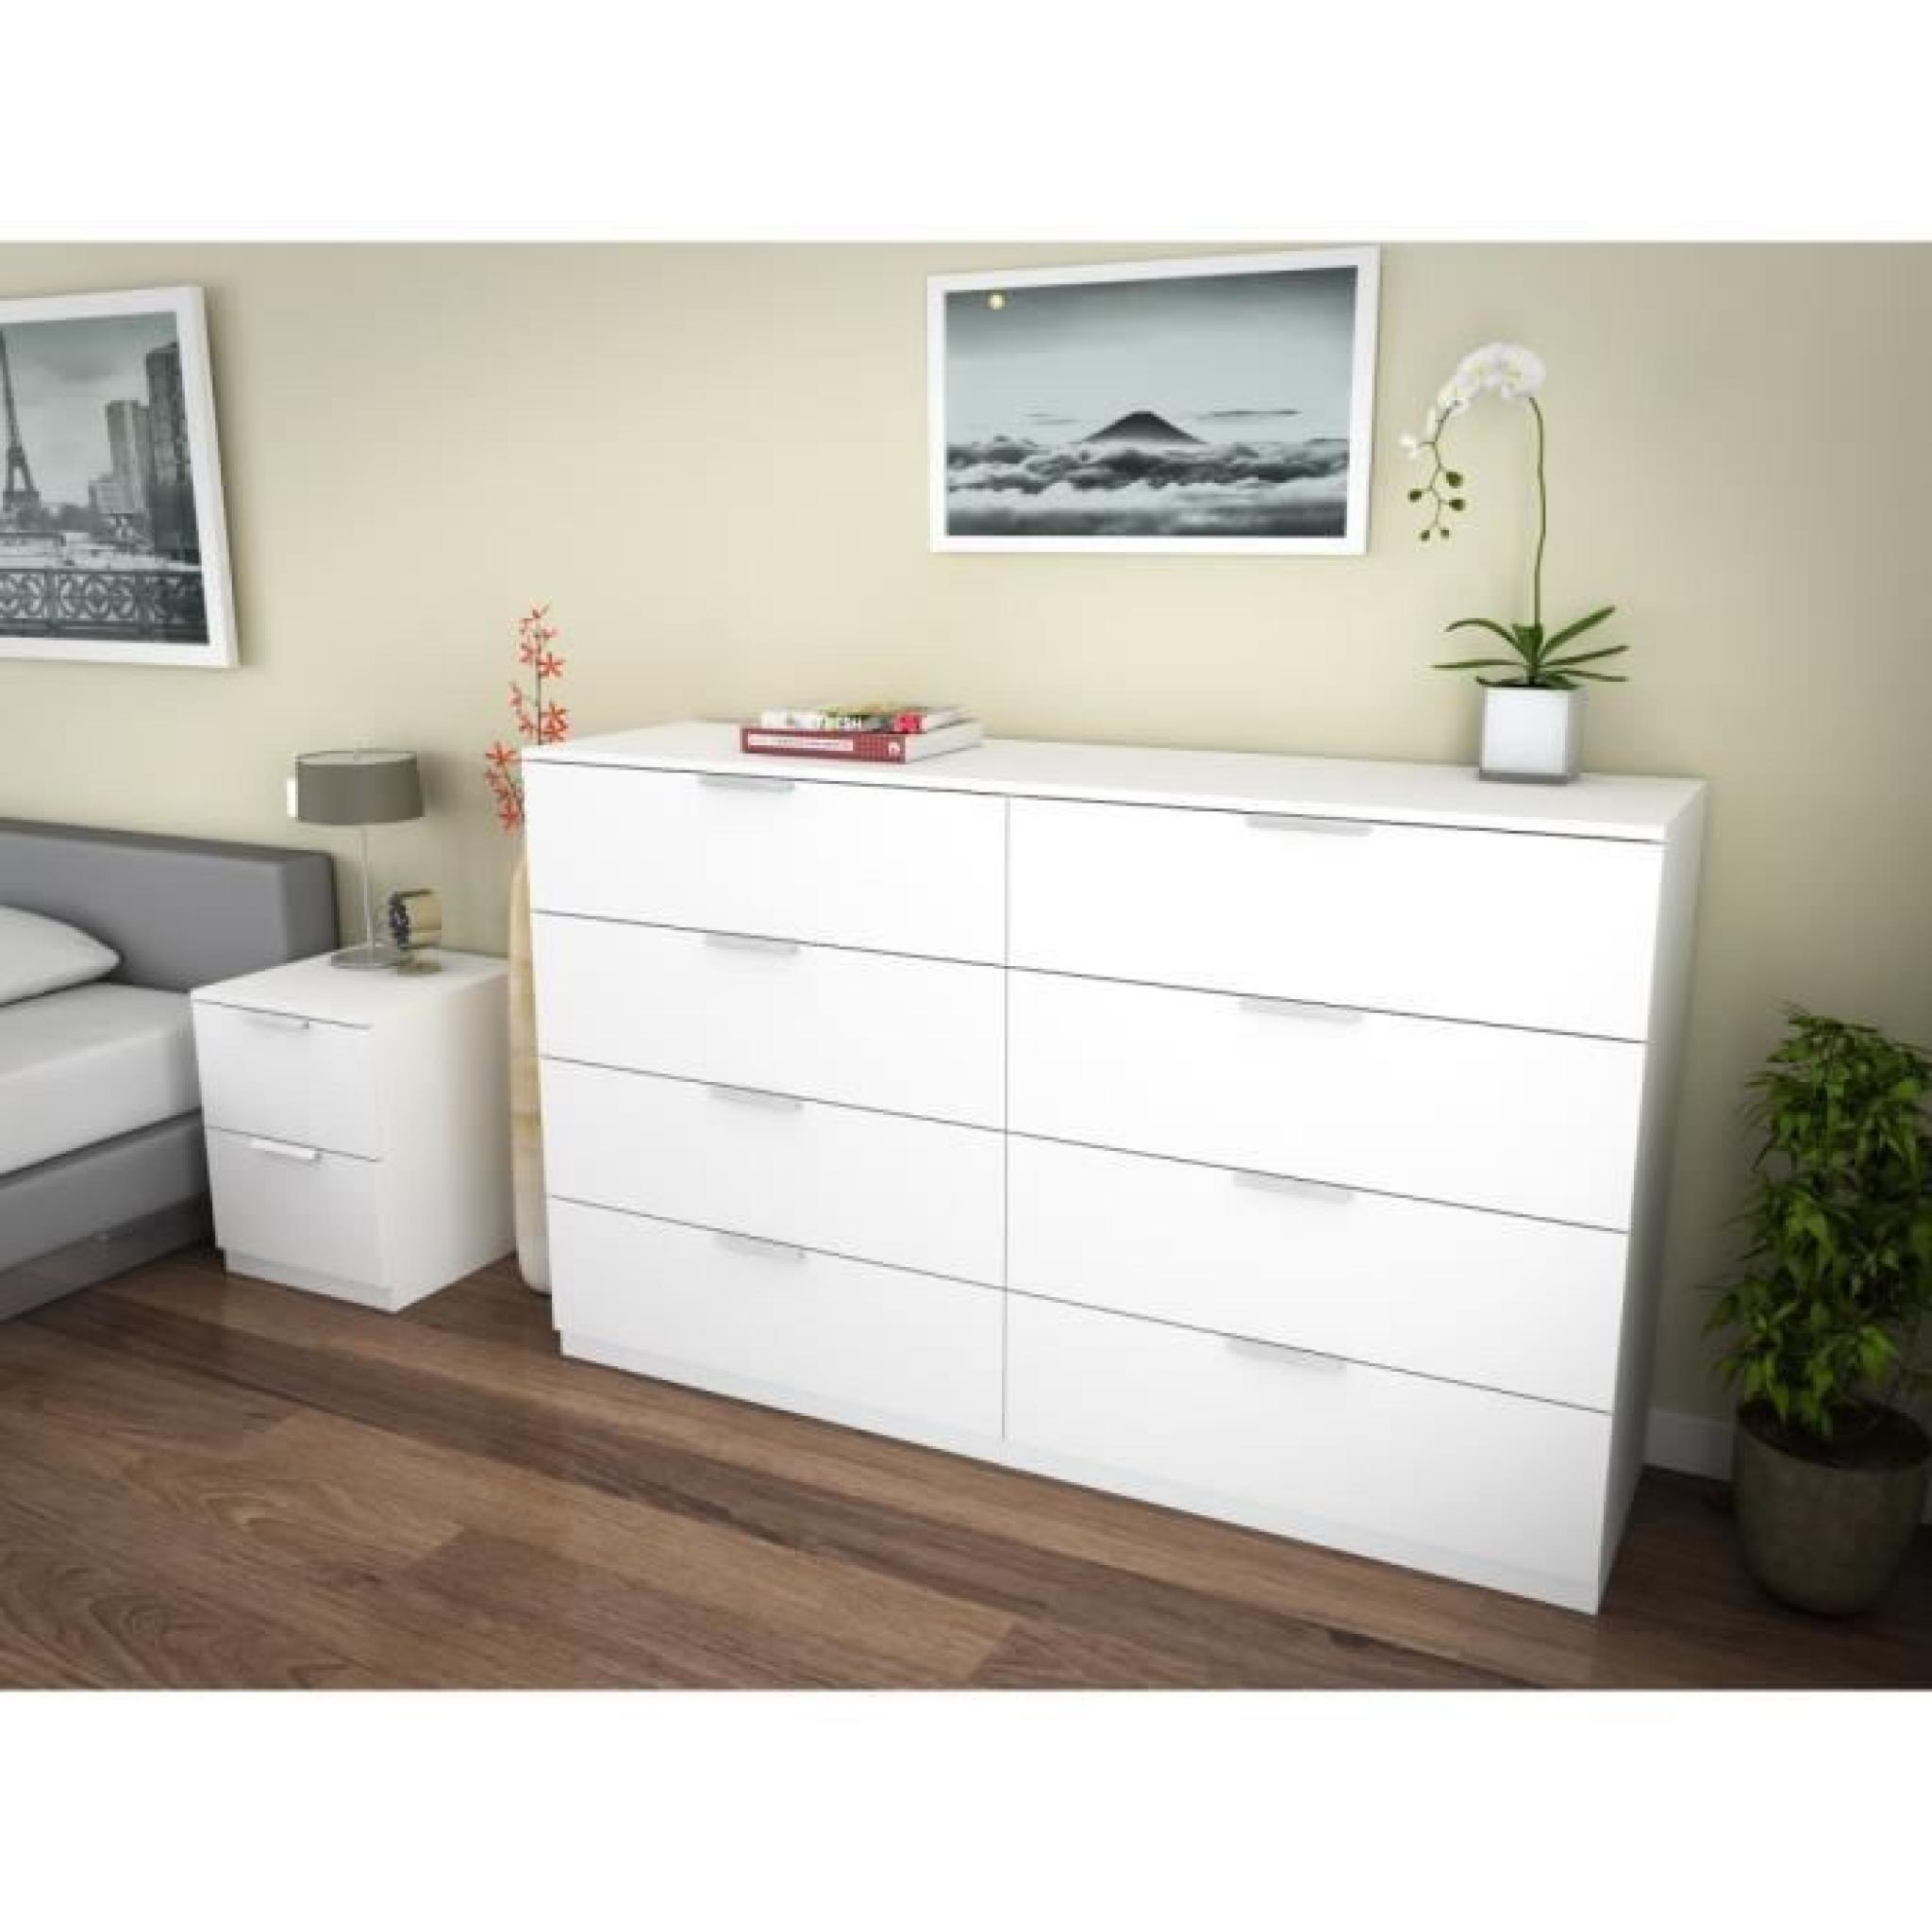 billund commode 8 tiroirs 160cm blanc achat vente commode pas cher couleur et. Black Bedroom Furniture Sets. Home Design Ideas